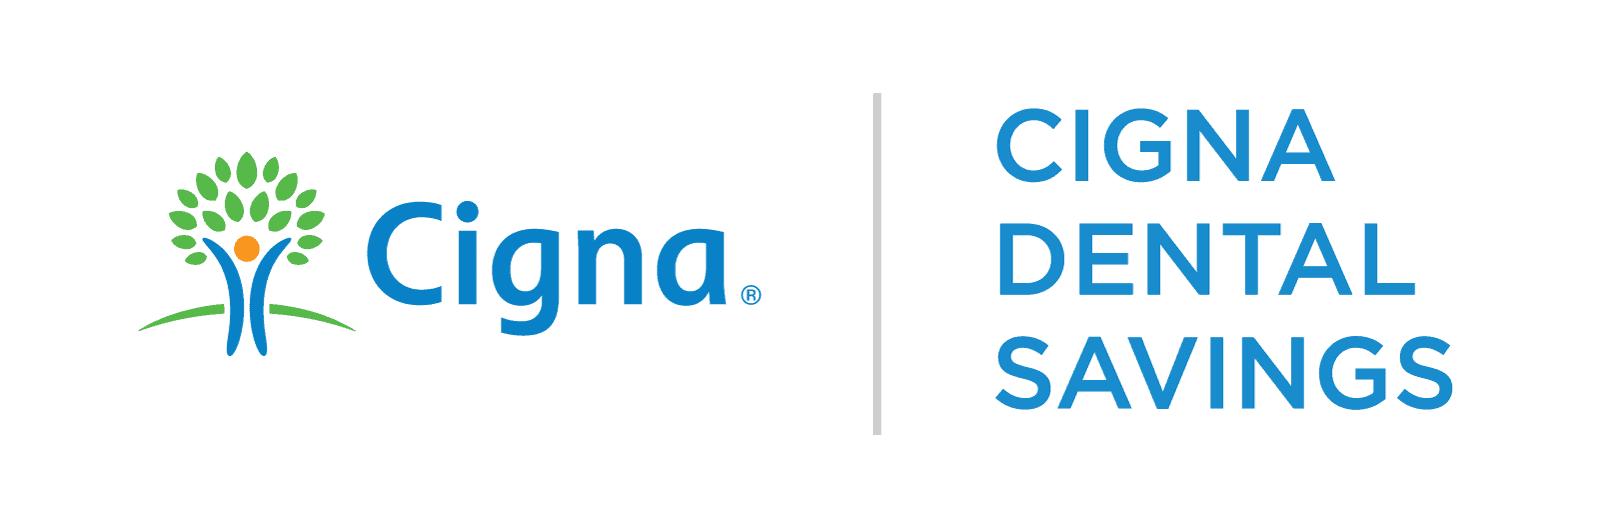 Cigna Dental Savings